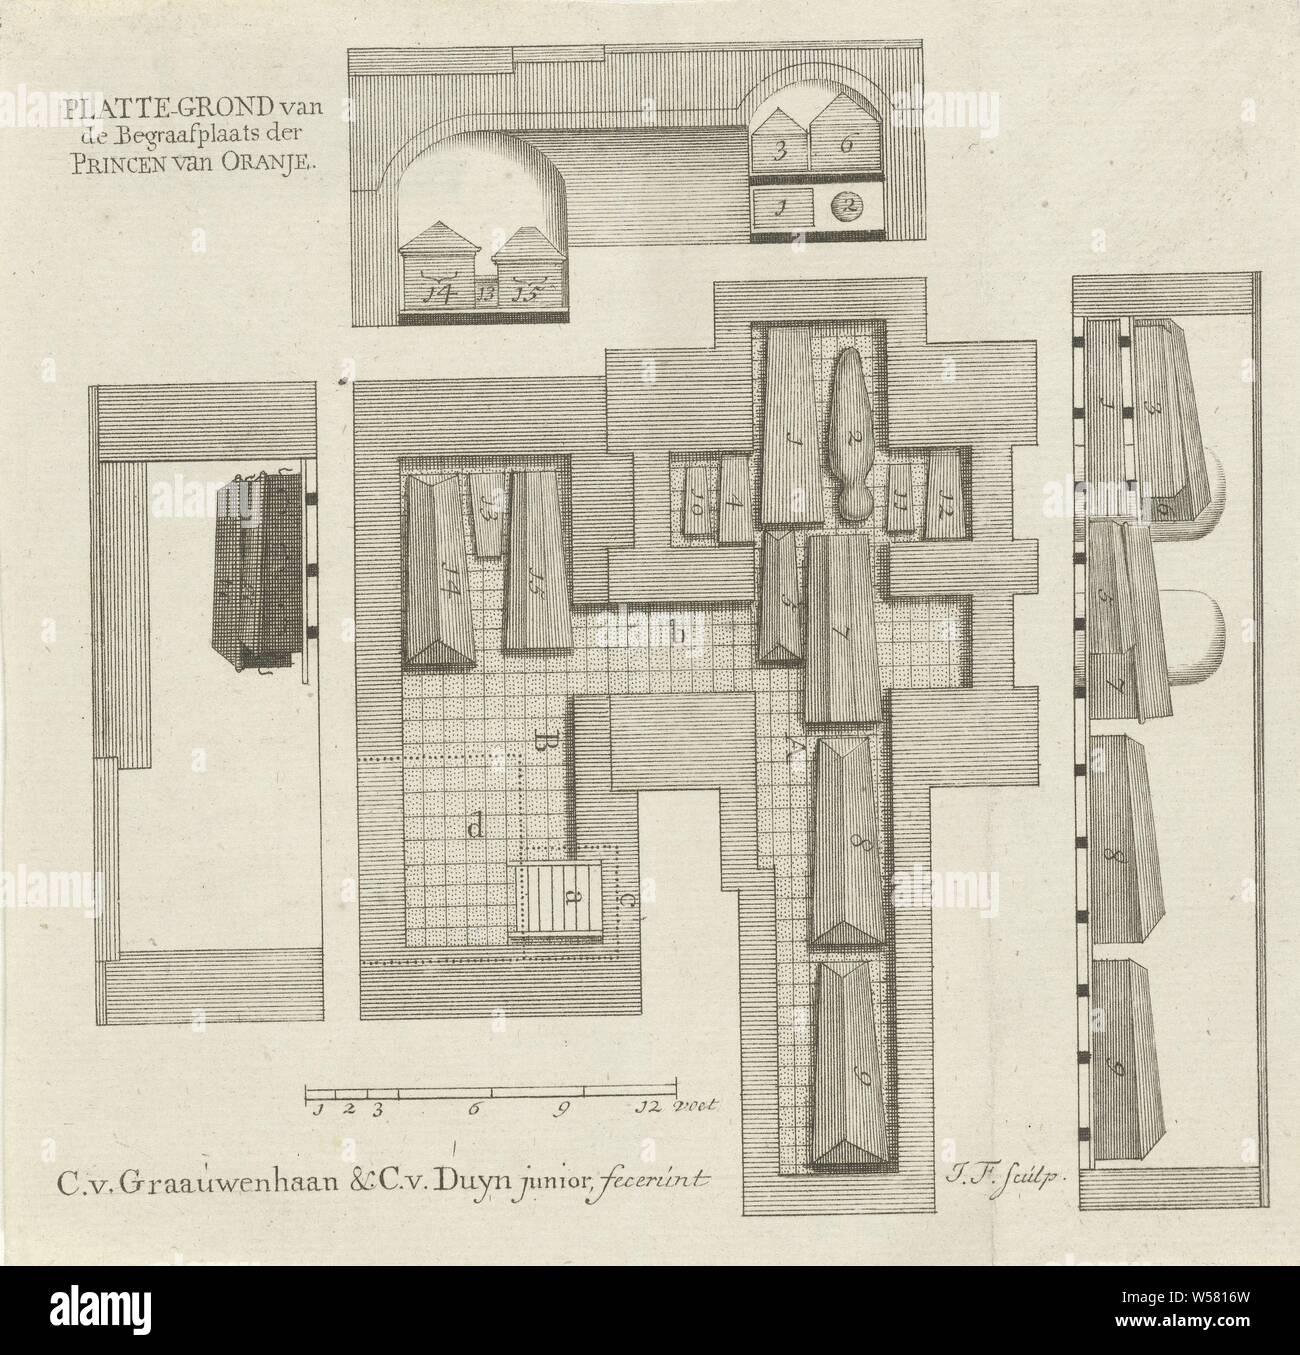 Floor Plan Of The Burial Cellar Of Oranje Nassau Floor Plan Of The Cemetery Of The Princes Of Orange Floor Plan Of The Burial Cellar Of Oranje Nassau Below The Nieuwe Kerk In Delft